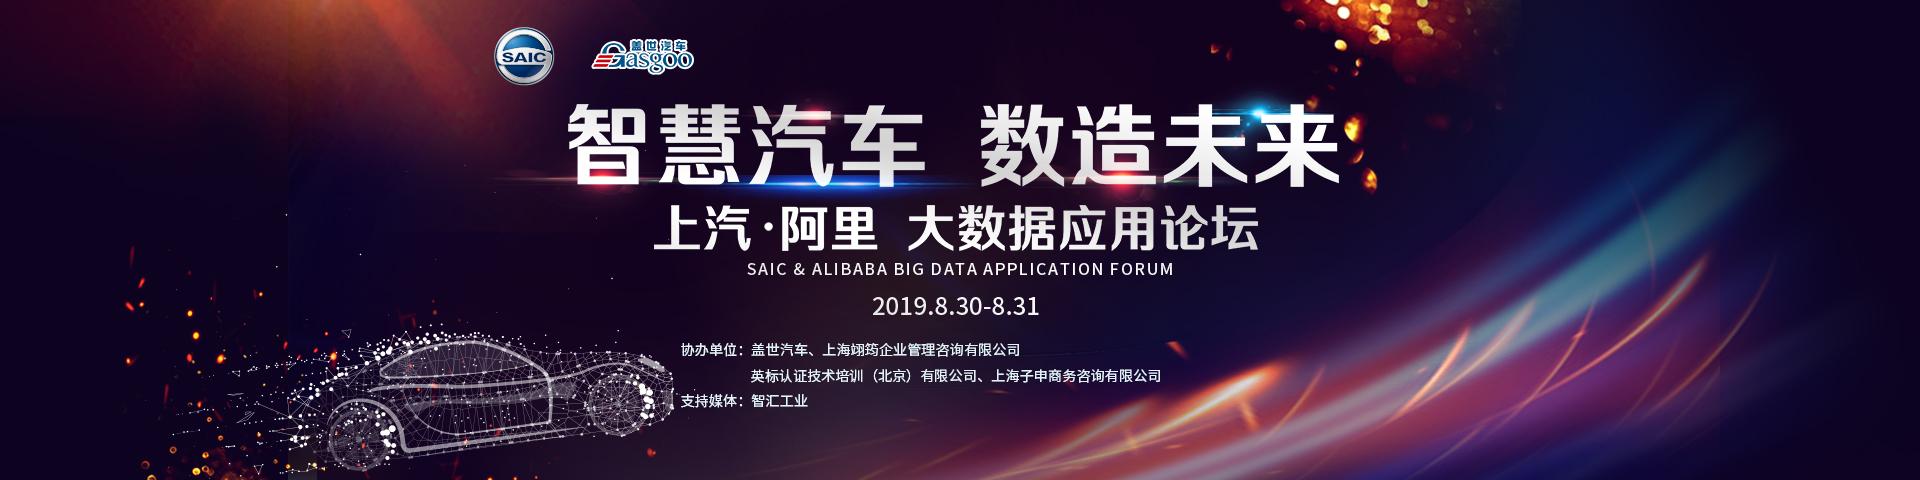 2019年上汽·阿里大数据应用论坛详细议程